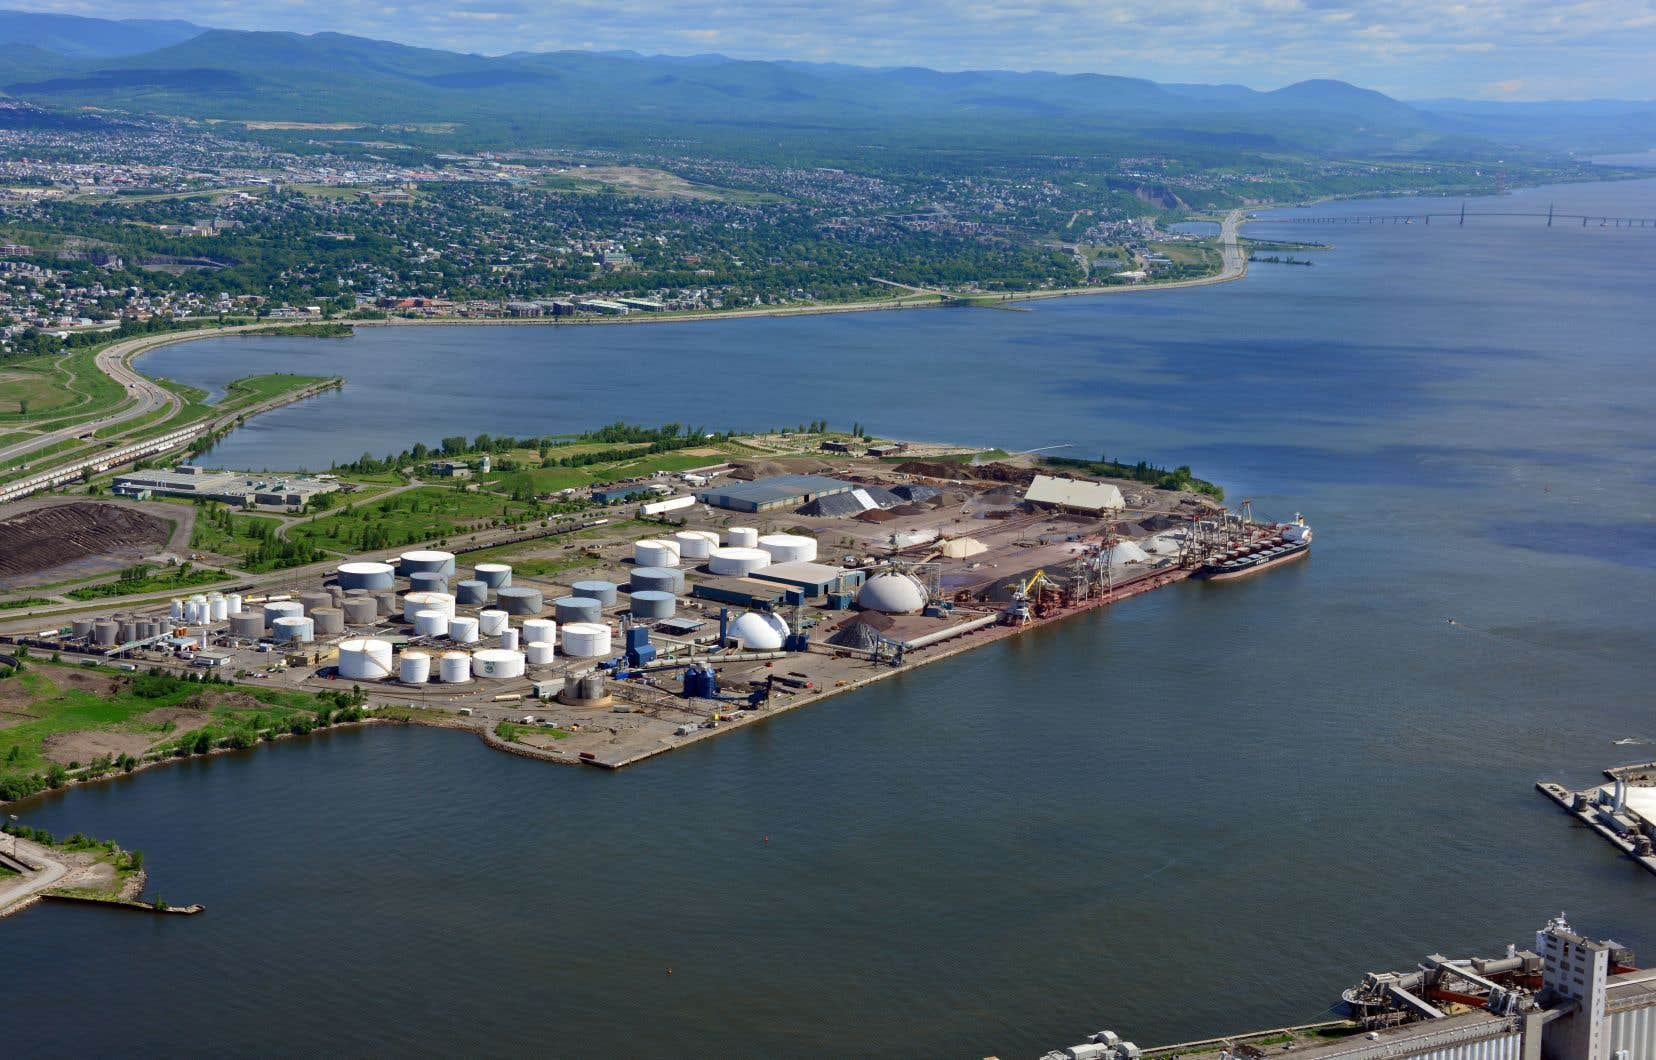 «À l'ère des grands porte-conteneurs, le havre naturel en eau profonde de Québec et son positionnement stratégique entre l'Europe et le Midwest américain deviennent des atouts sur lesquels le Québec doit miser», croient les auteurs.